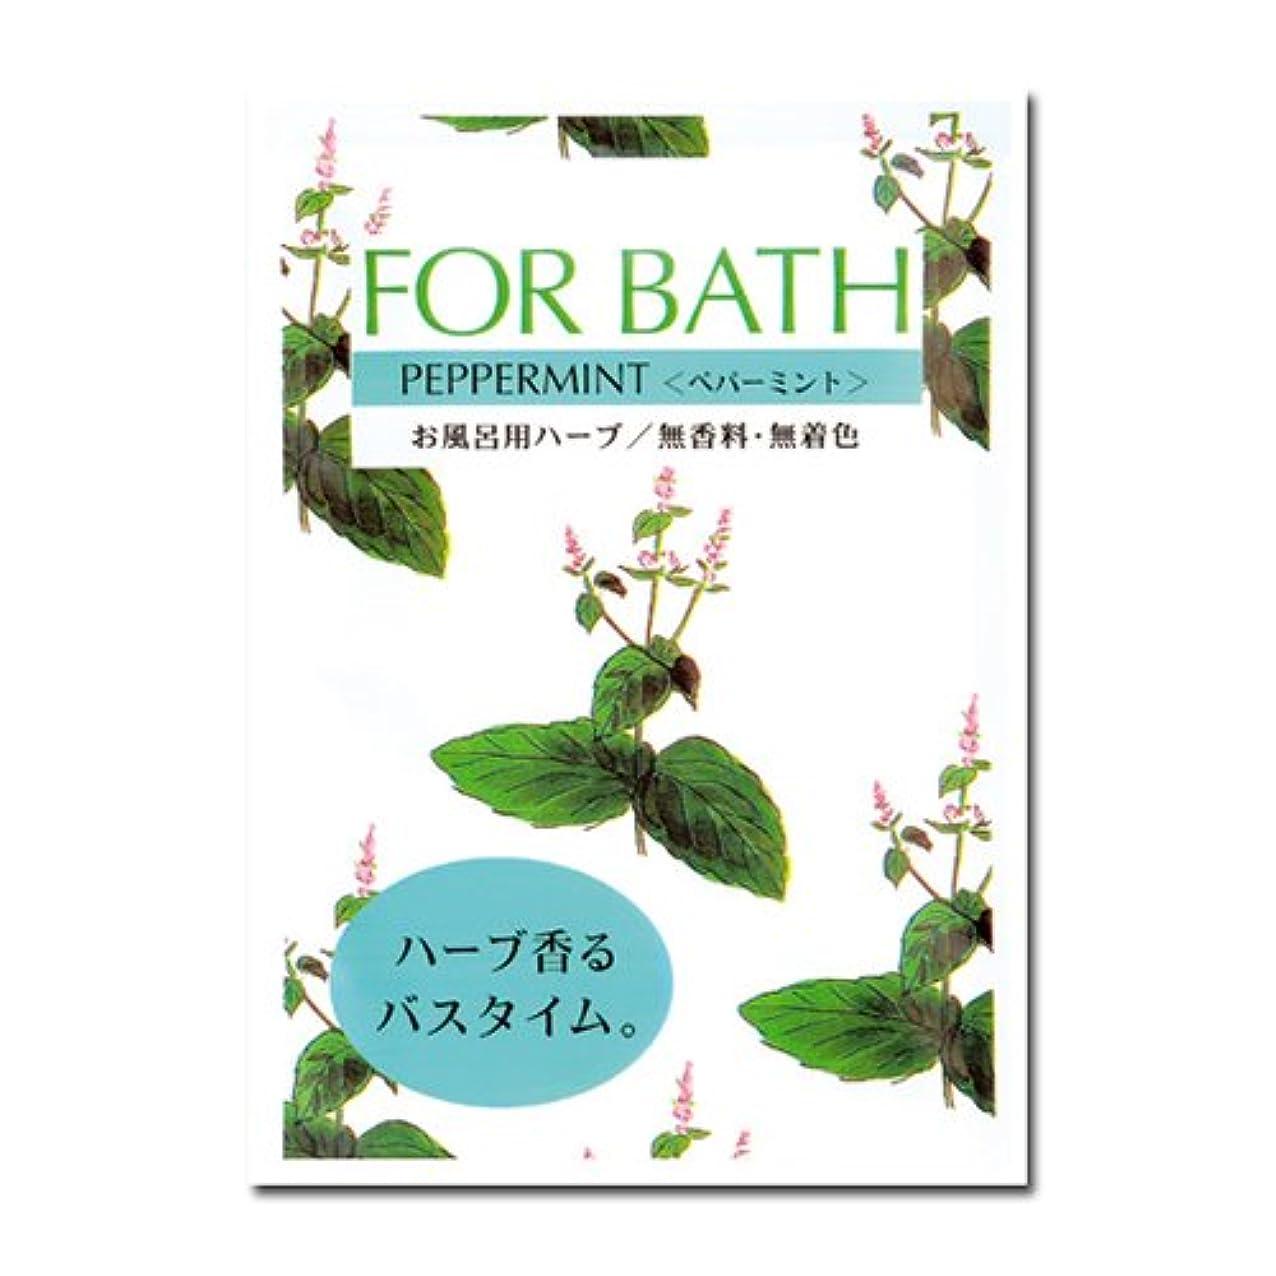 フォアバス ペパーミントx30袋[フォアバス/入浴剤/ハーブ]